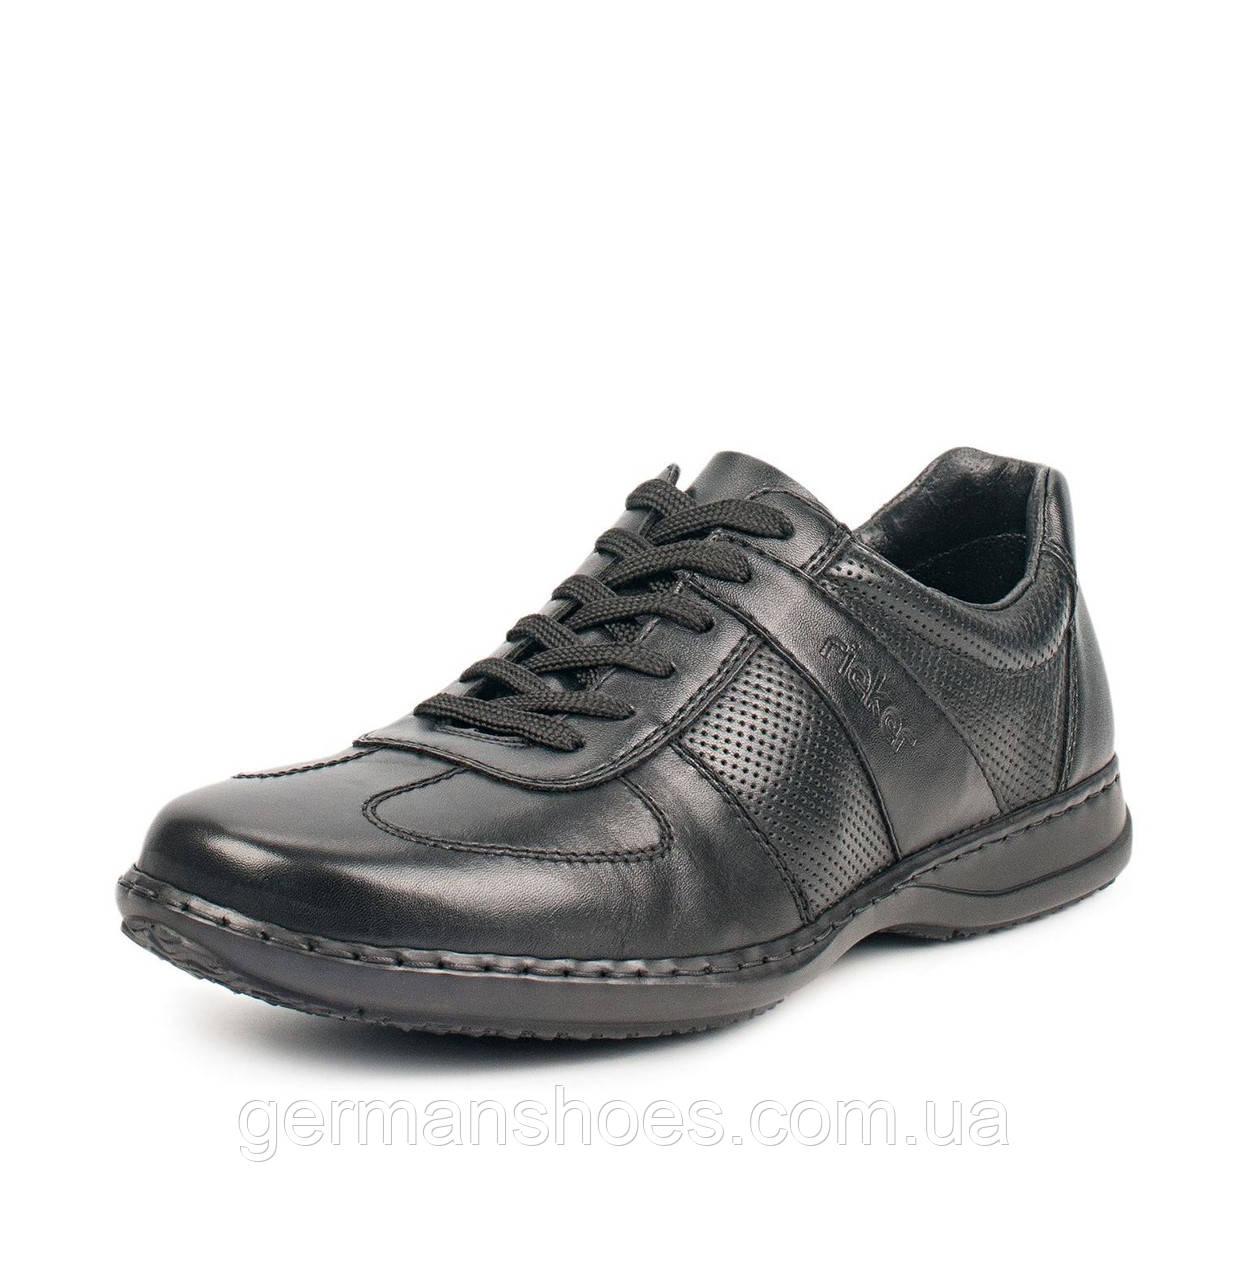 Туфли мужские Rieker 01325-00